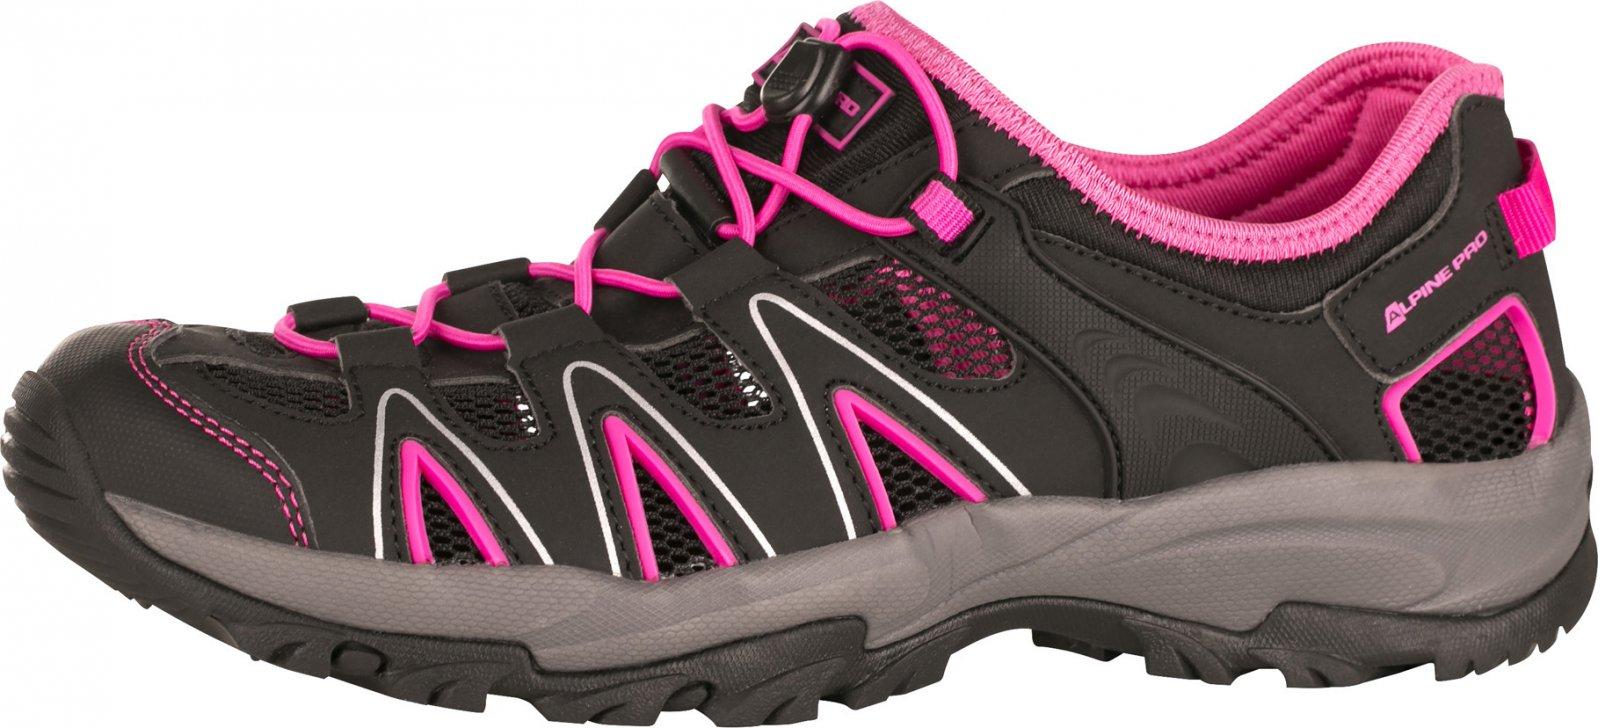 Alpine Pro Batsu UBTJ049 růžová od 739 Kč • Zboží.cz 4daf6ea828